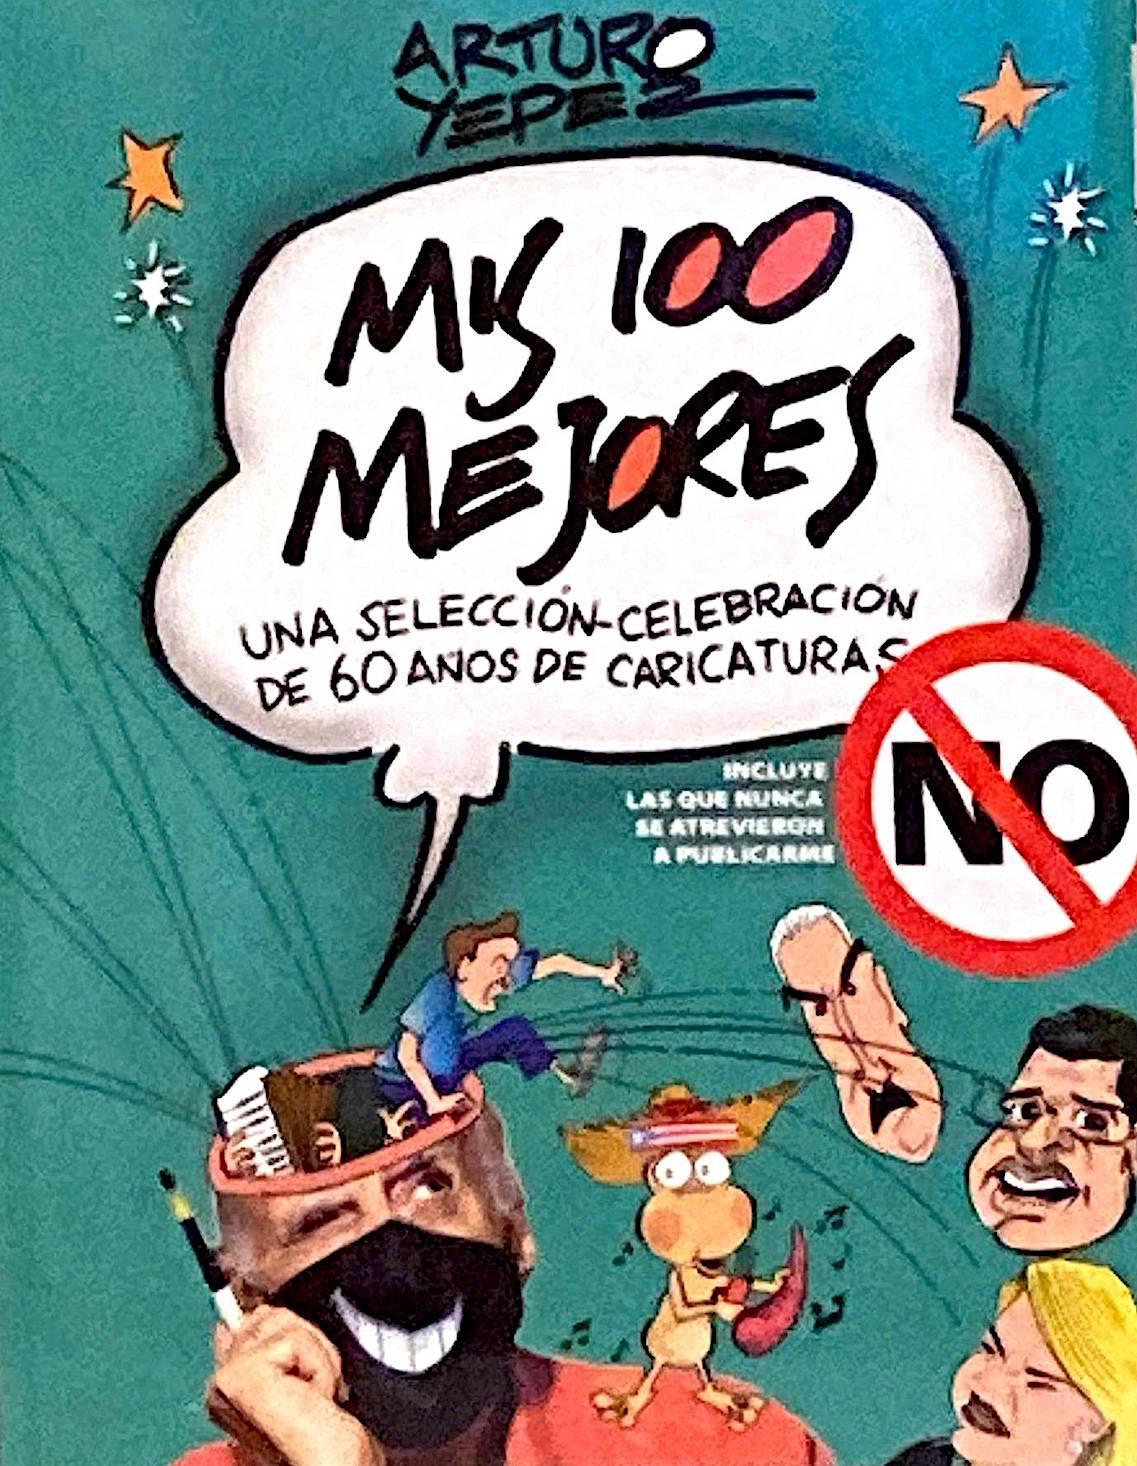 mis cien mejores libro arturo yepez